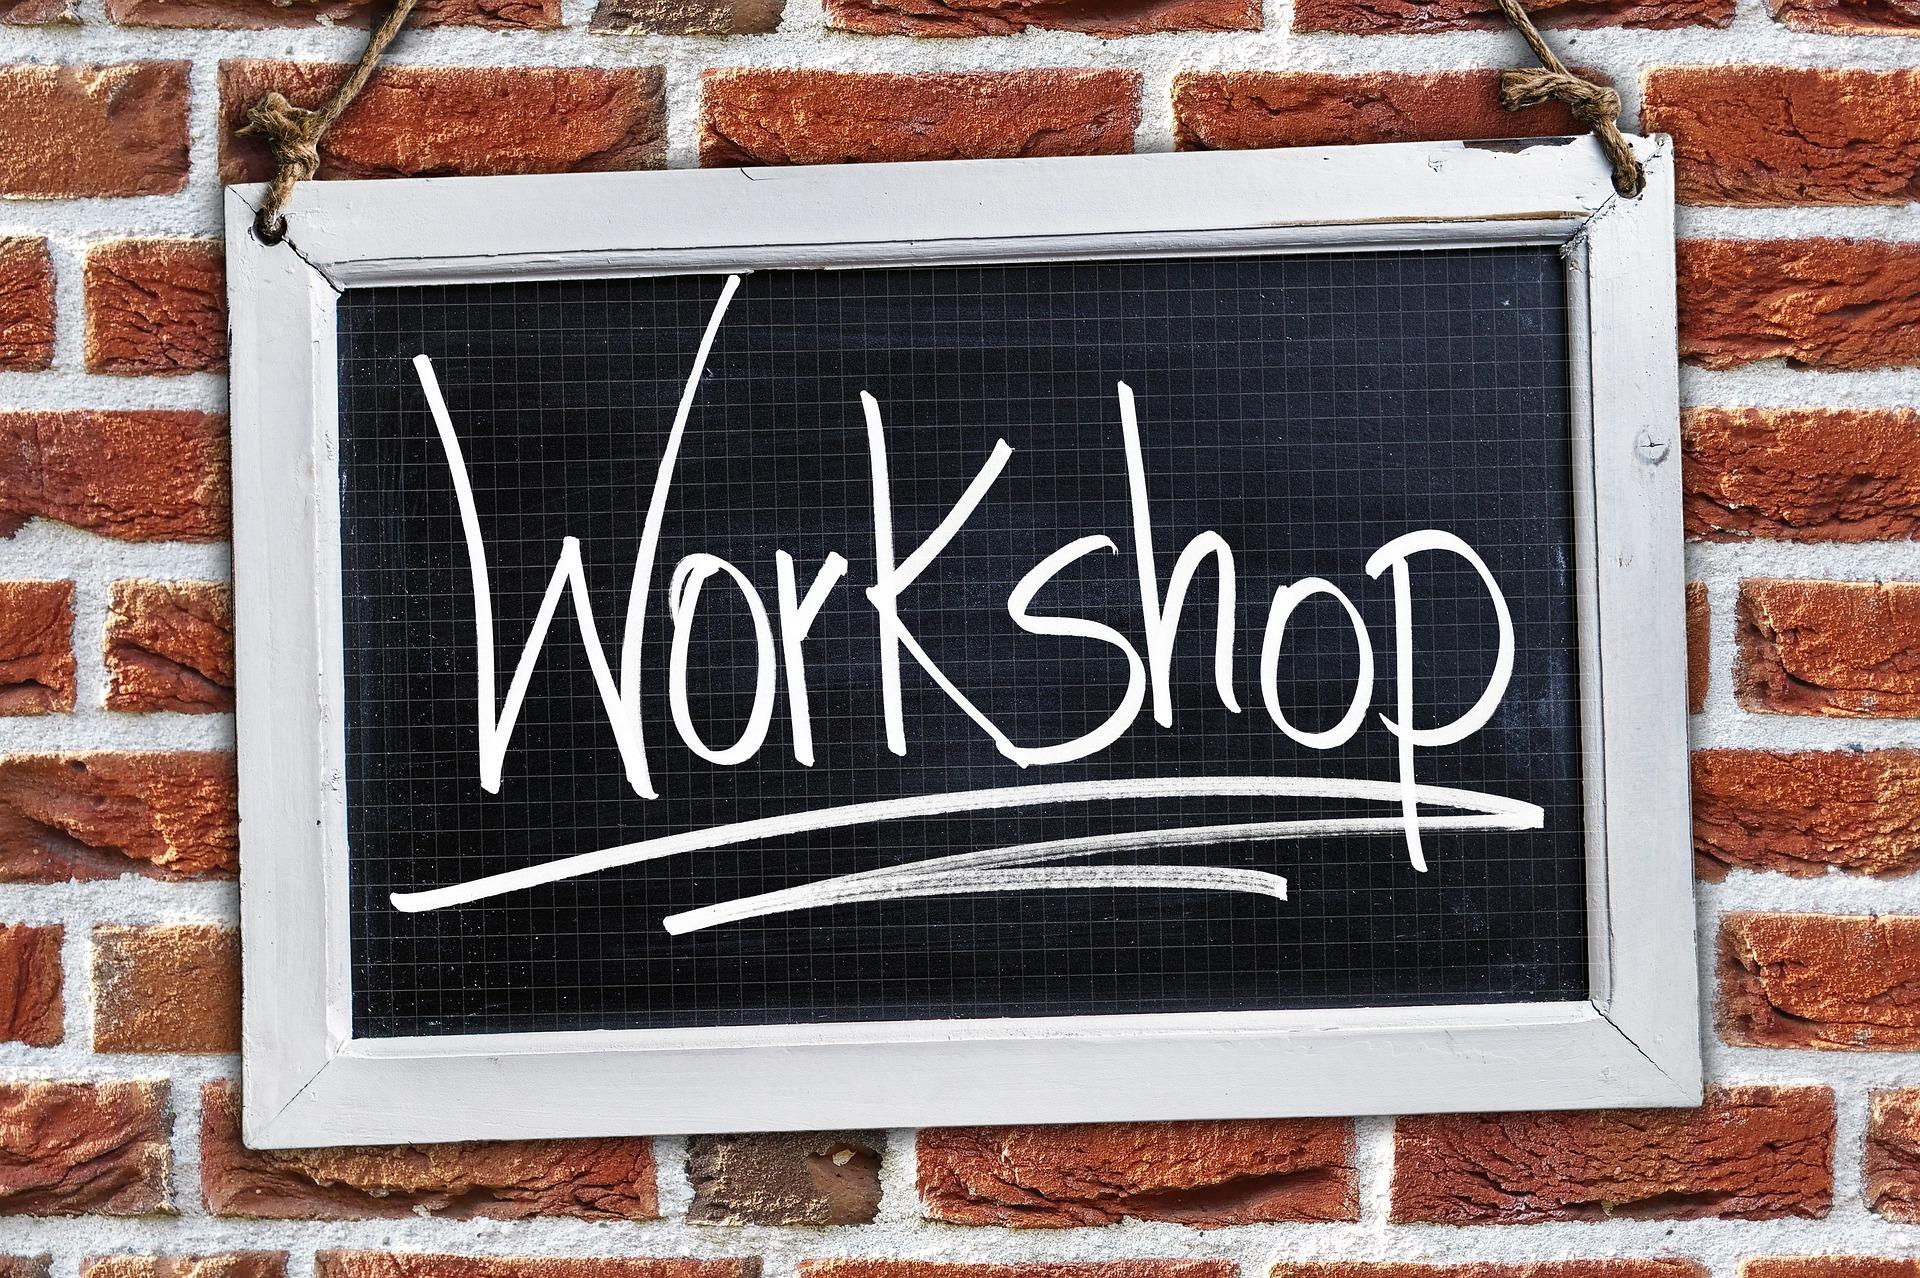 workshop-2408095_1920.jpg